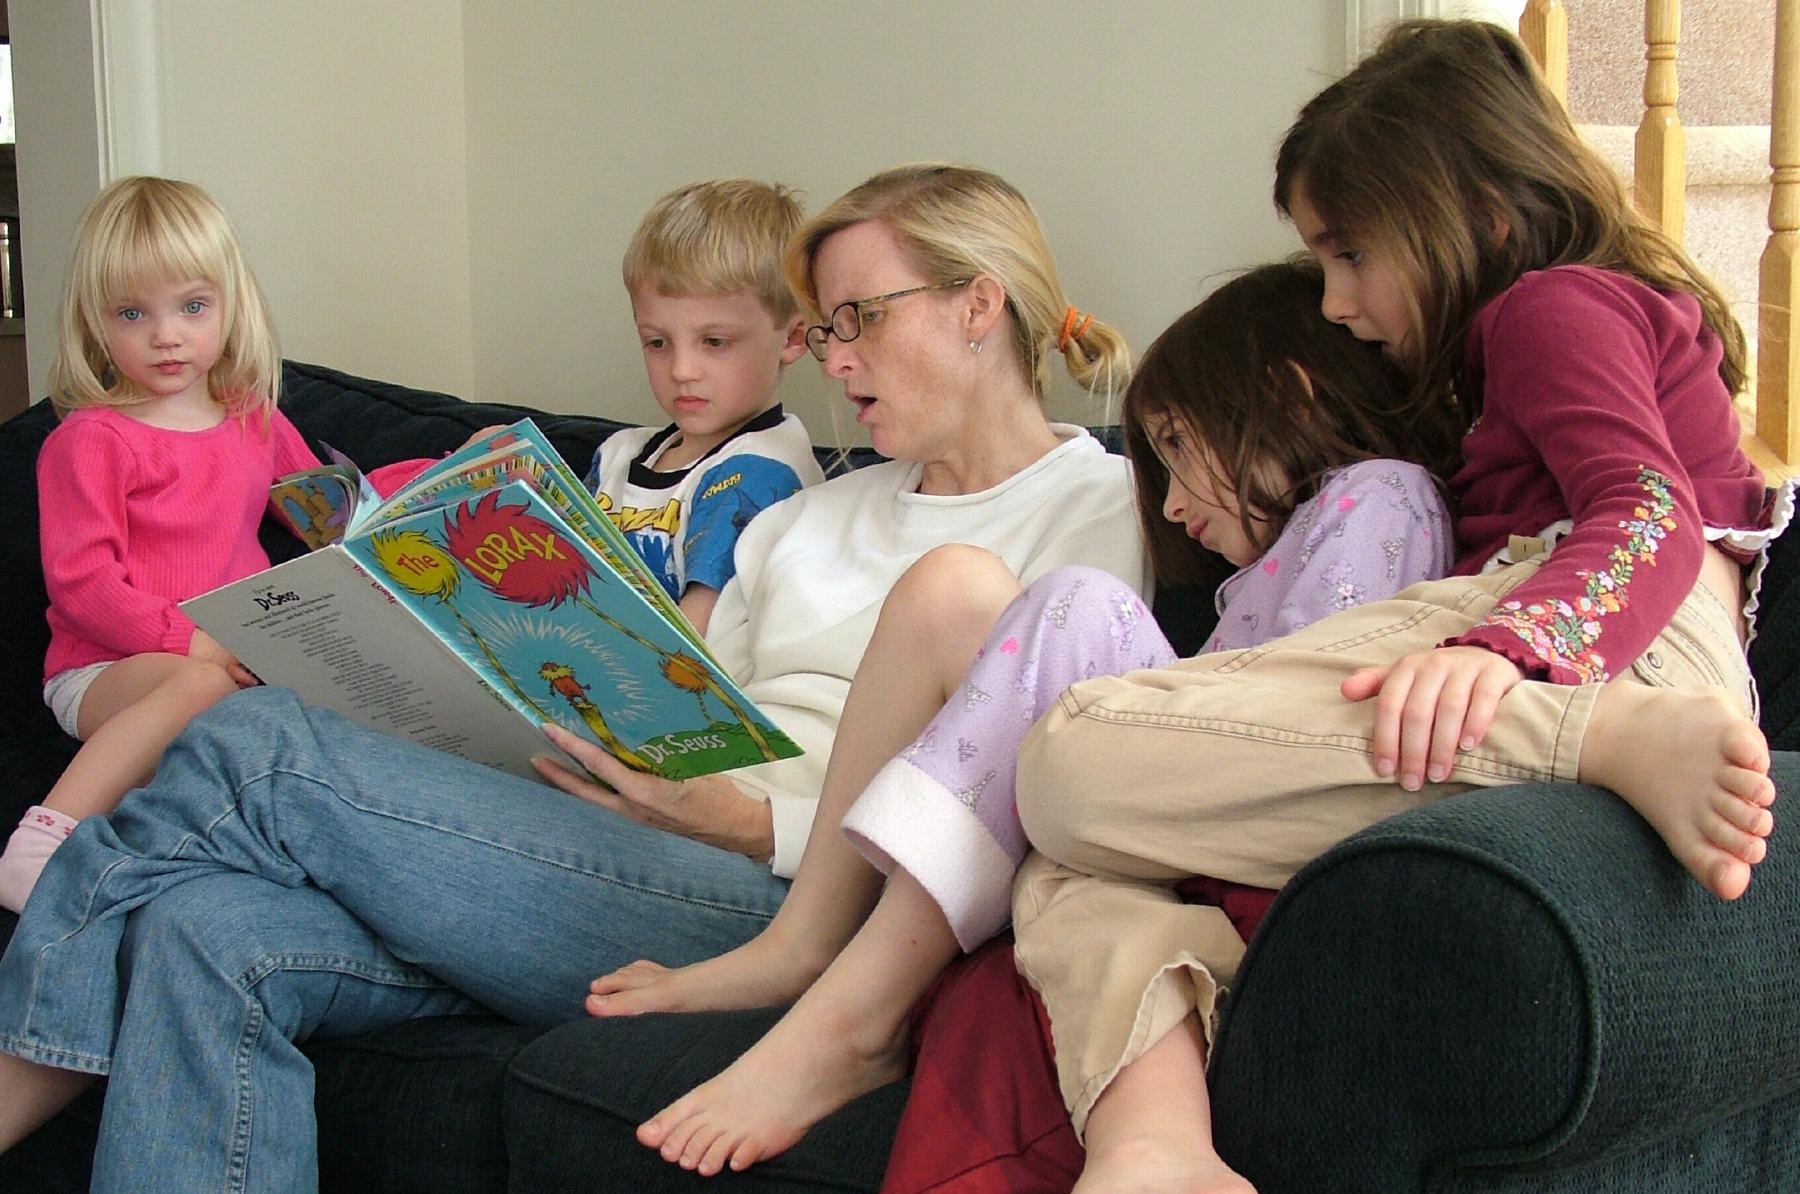 Mejora la atención y la comprensión de tu audiencia. Foto:Horton web Design (www.hortongroup.com)